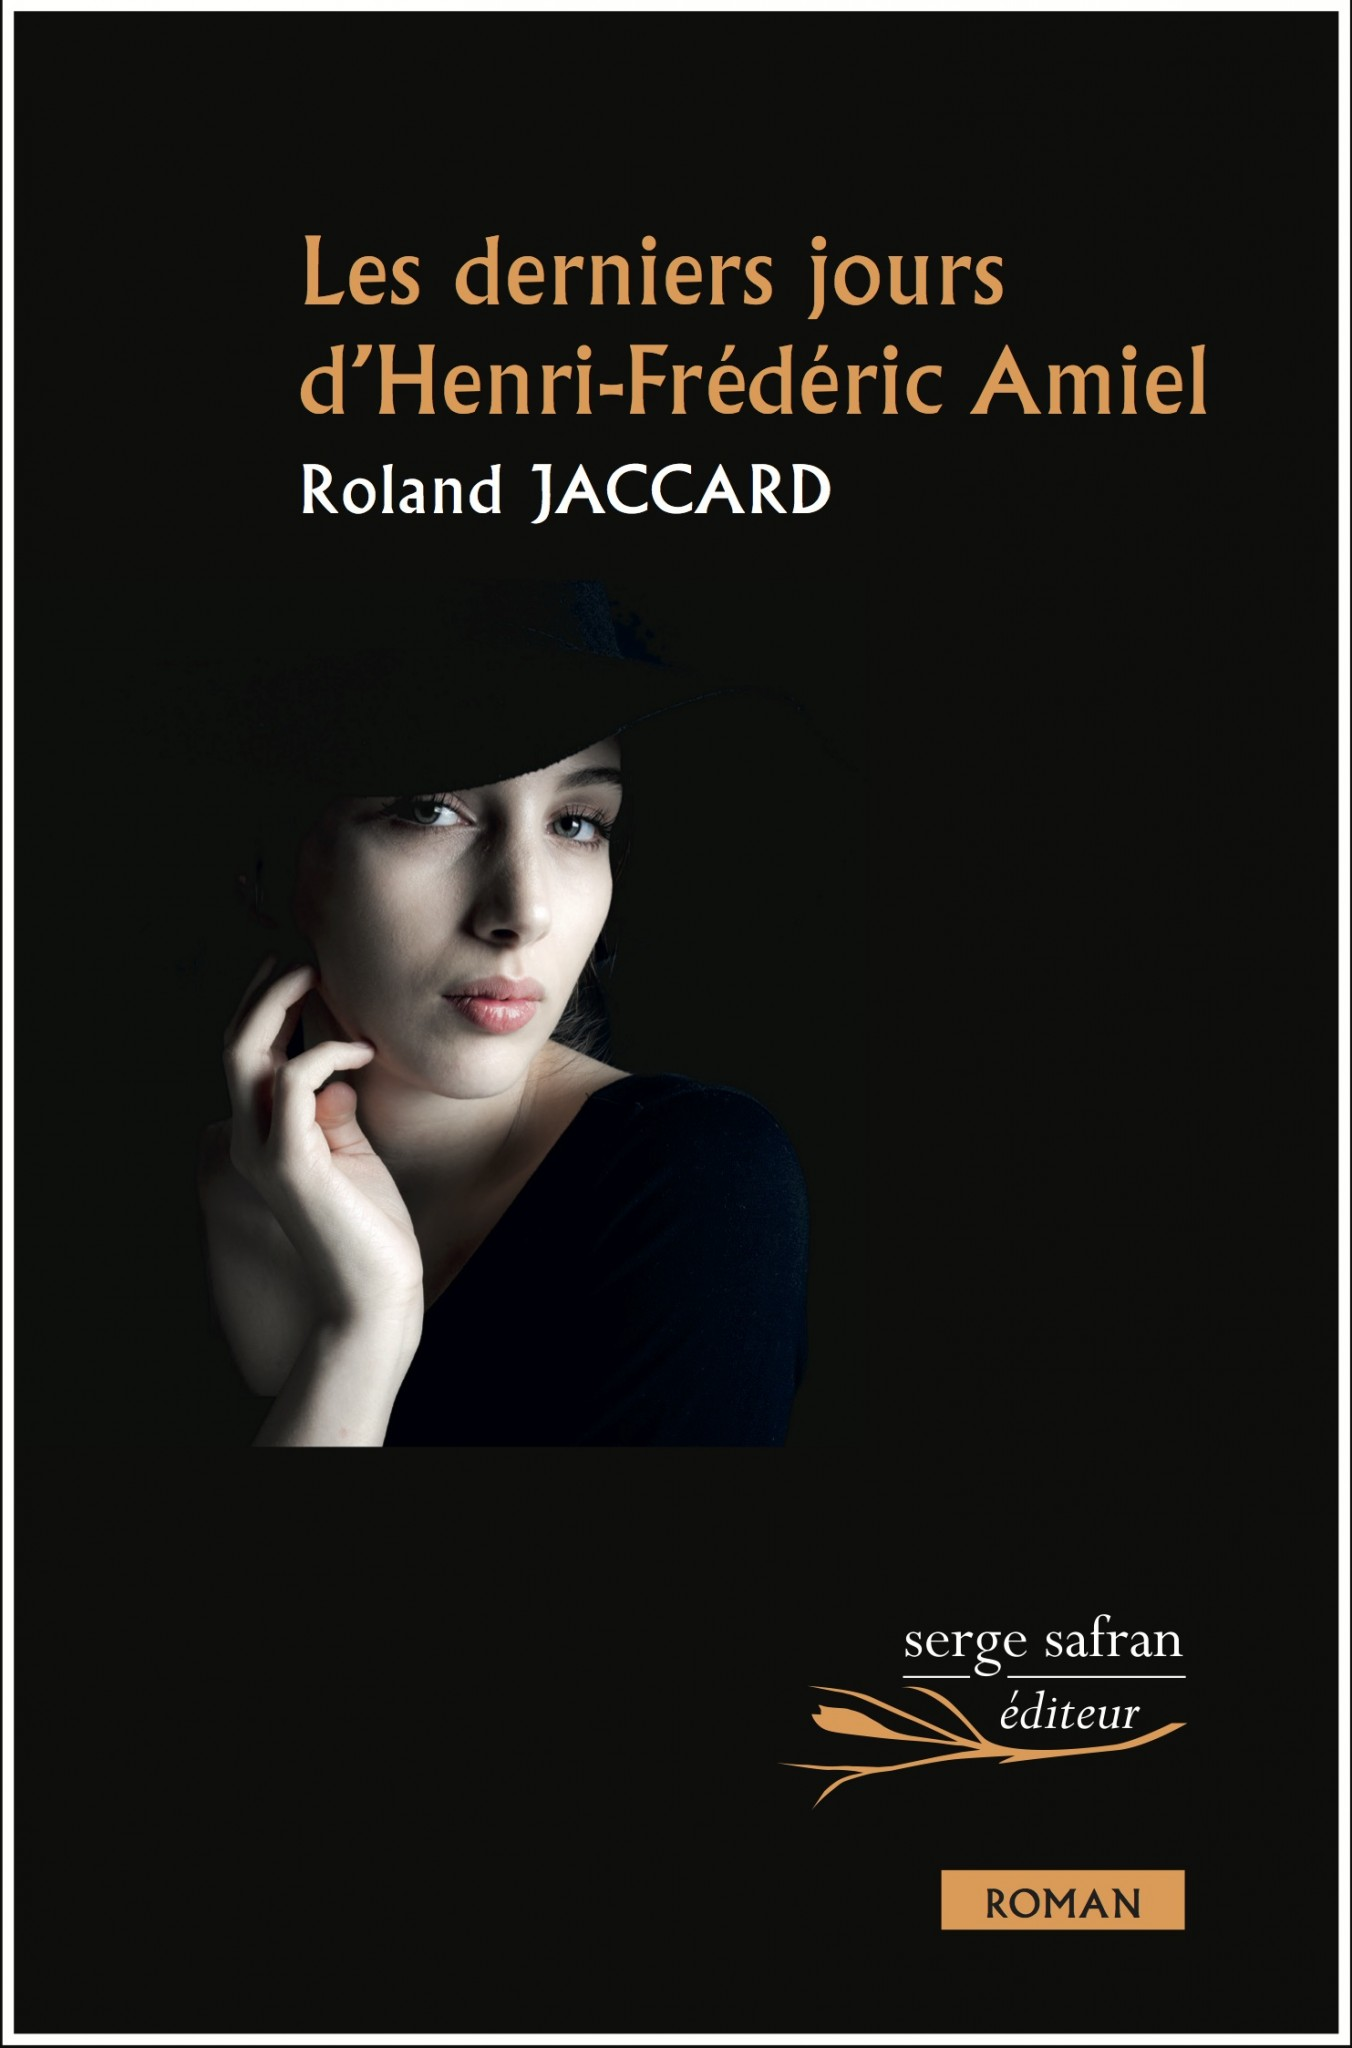 R. Jaccard, Les derniers jours d'Henri-Frédéric Amiel